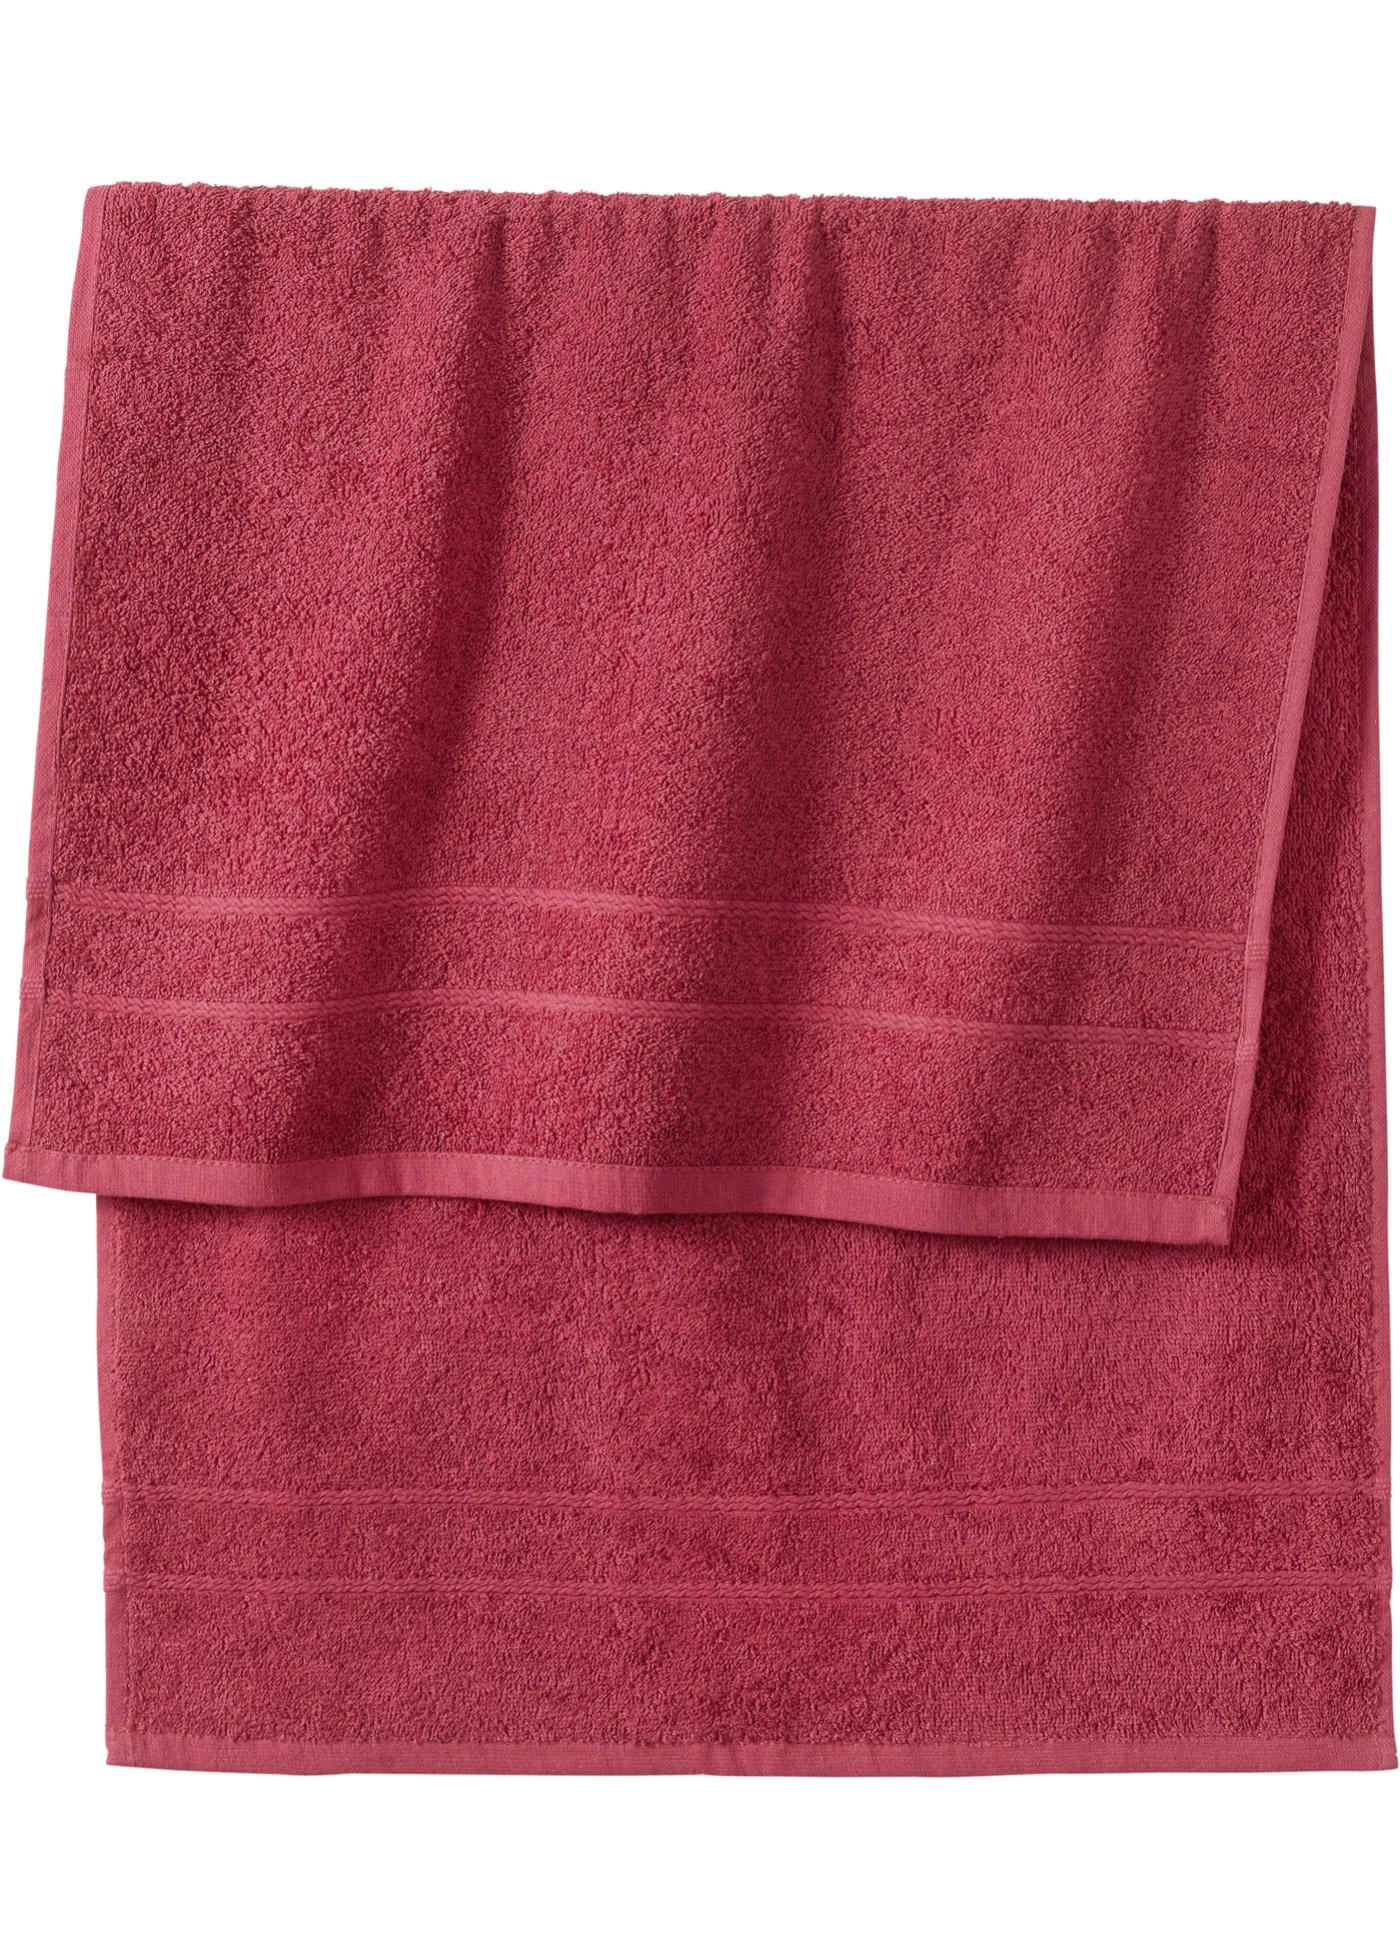 Handtuch in schwerer Qualität in lila von bonprix